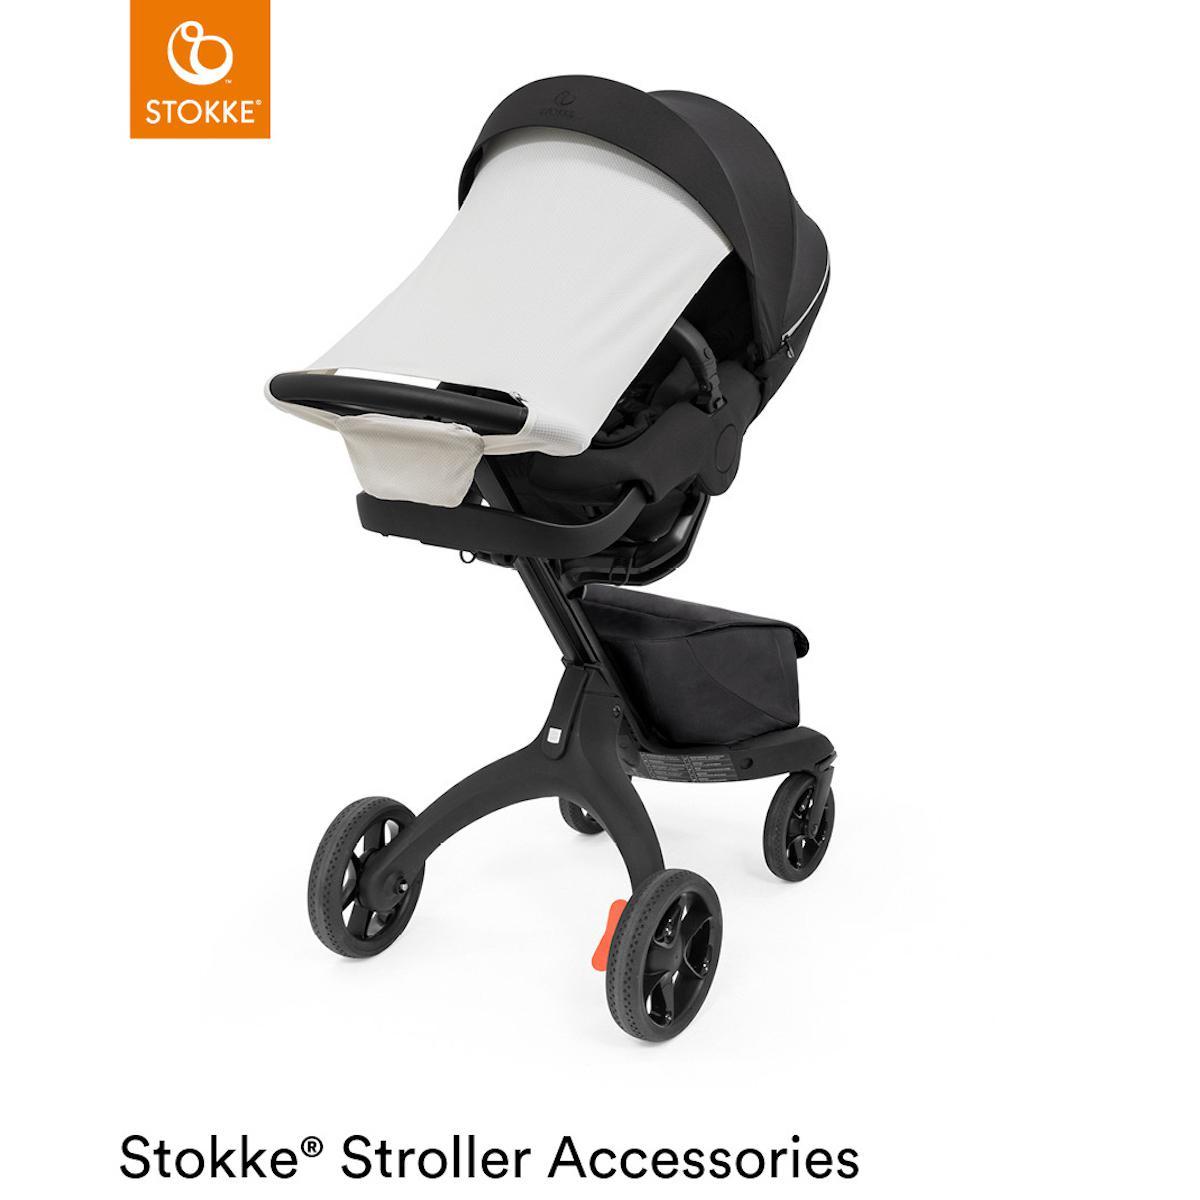 Toldo carrito XPLORY X Stokke Light grey